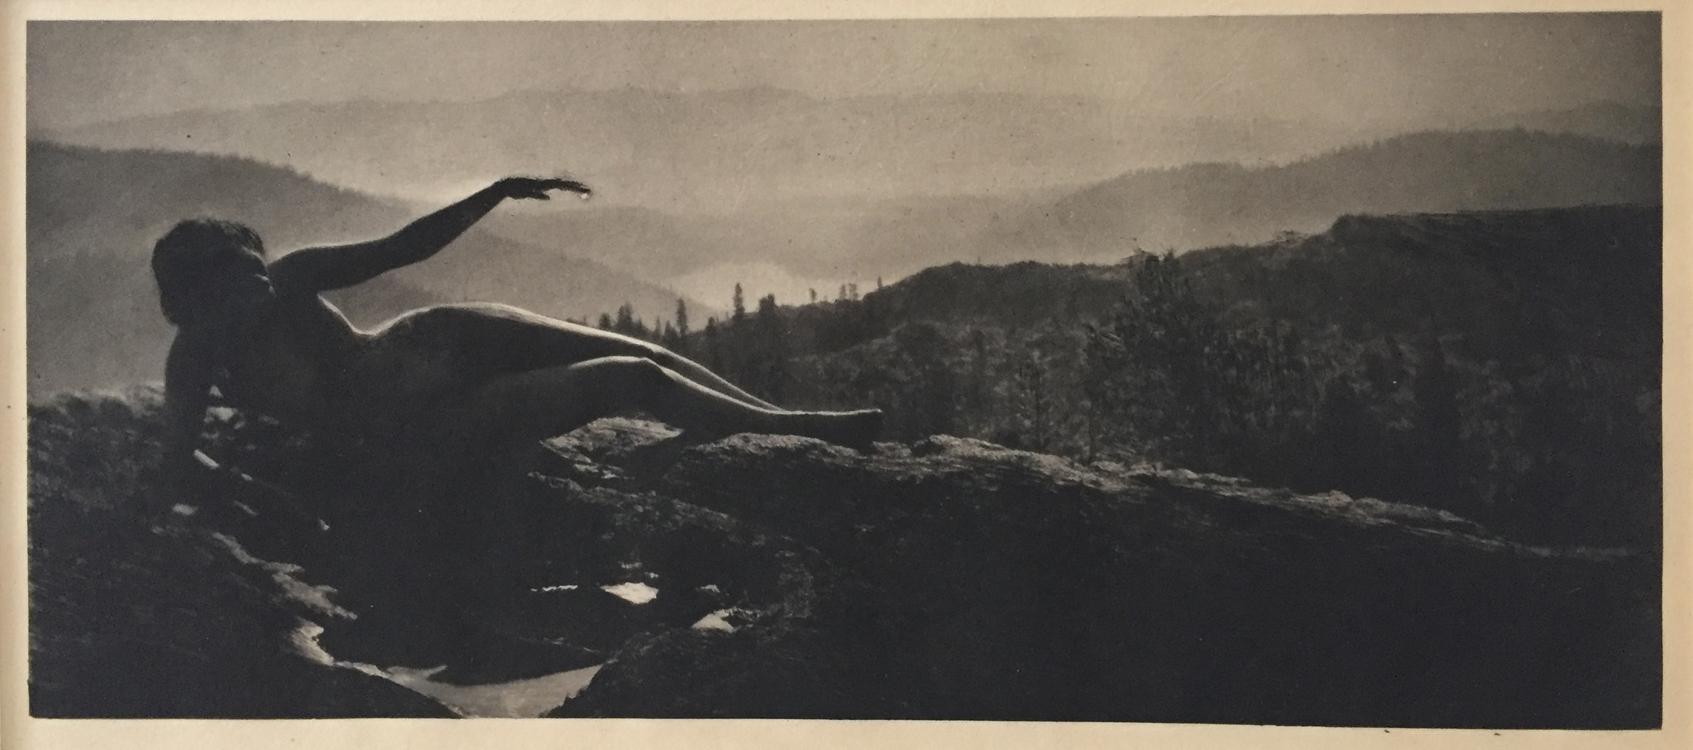 ANNE BRIGMAN. Dawn, 1912.